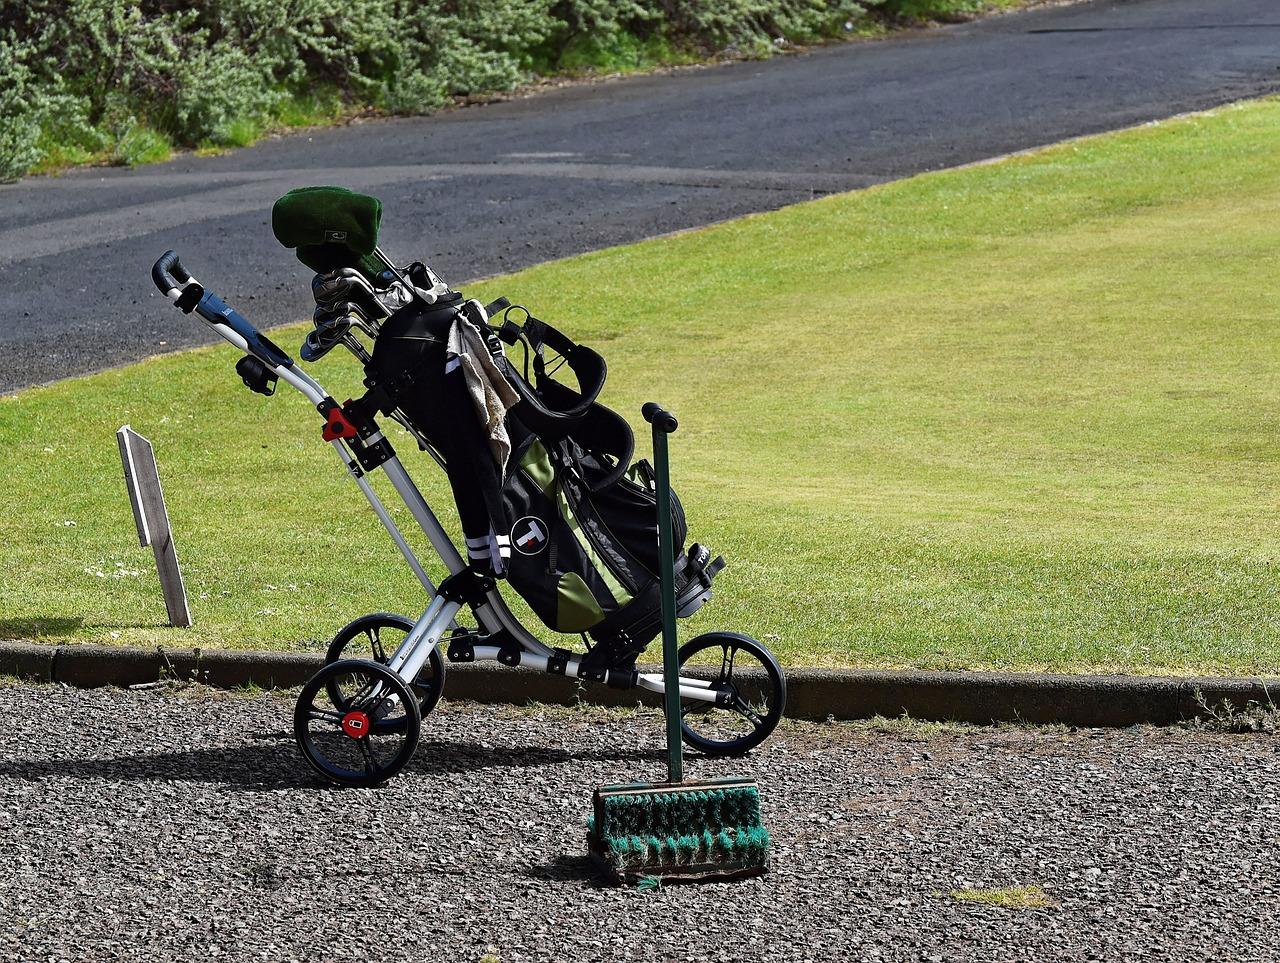 できれば避けたいゴルフクラブブランド